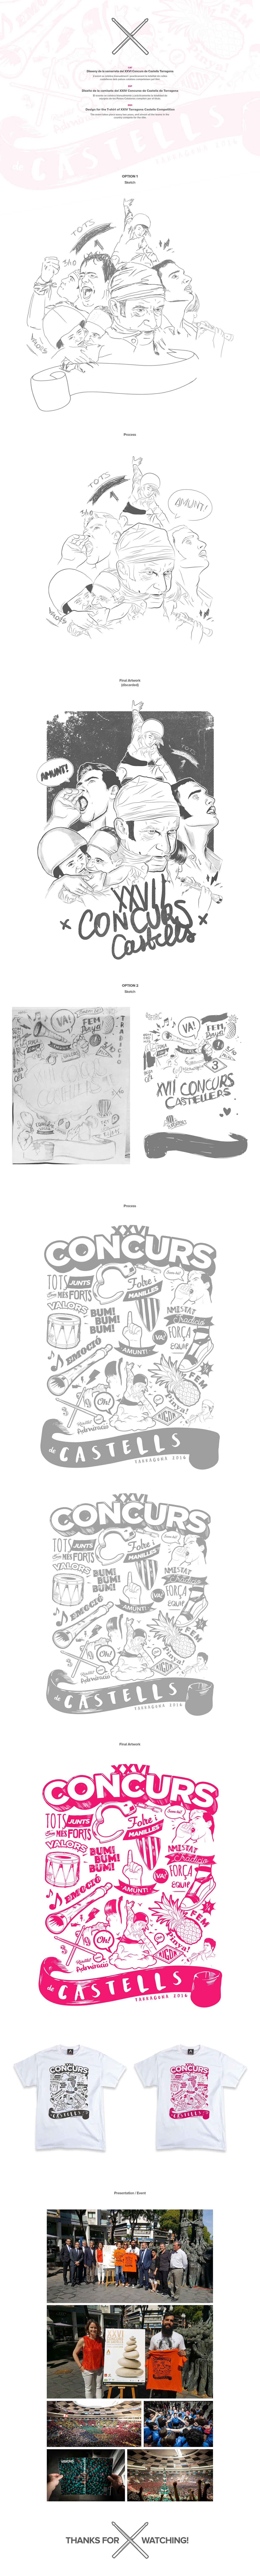 Procés creatiu de la samarreta del XXVI Concurs de Castells de Tarragona